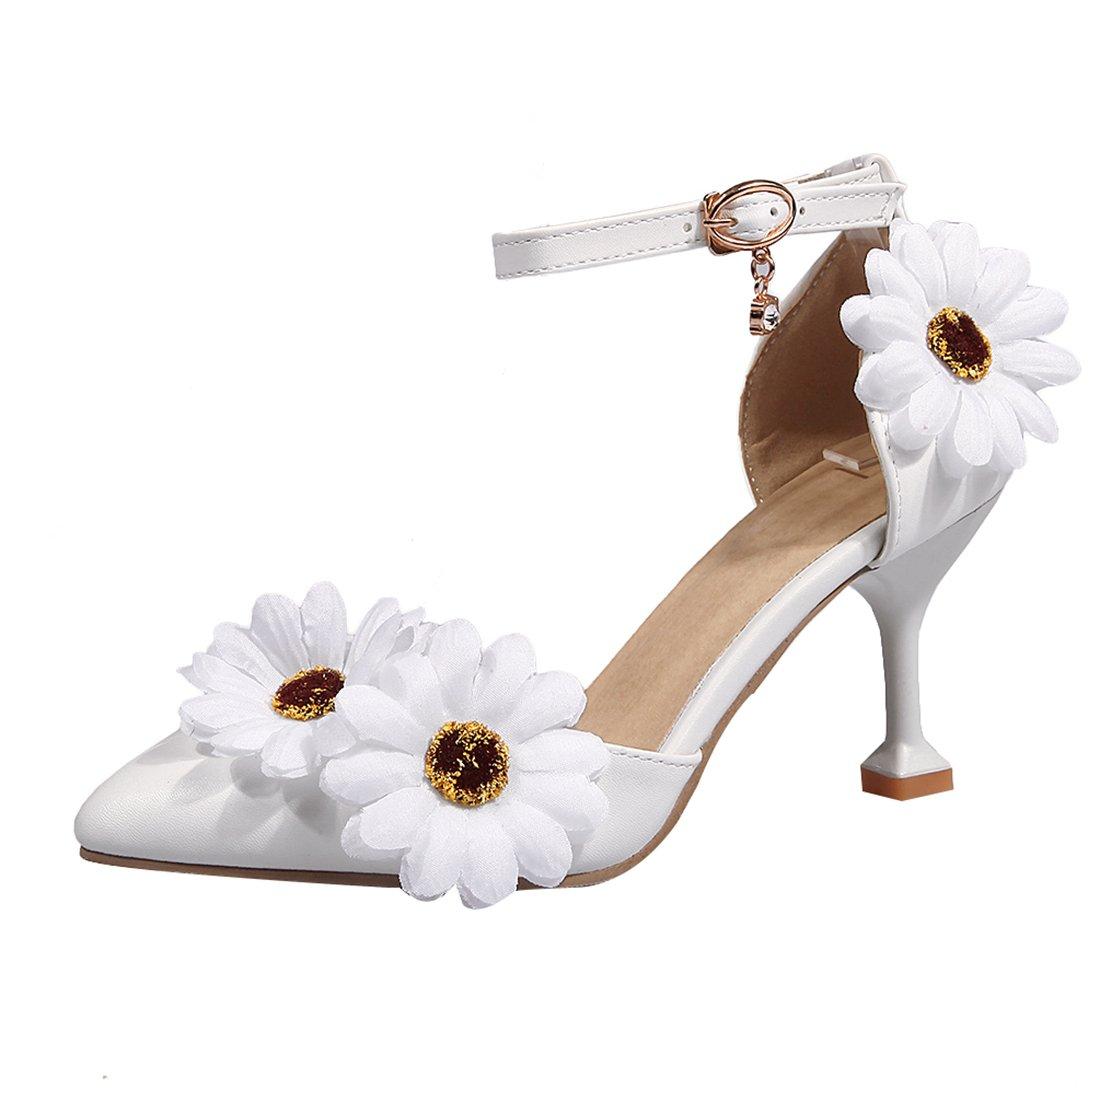 UH Femmes UH Stiletto Talons Hauts Pointues Orteil Pointues Strap Chaussures Avec des Fleurs à la Mode des Chaussures de Mariée Blanc 1c98123 - epictionpvp.space